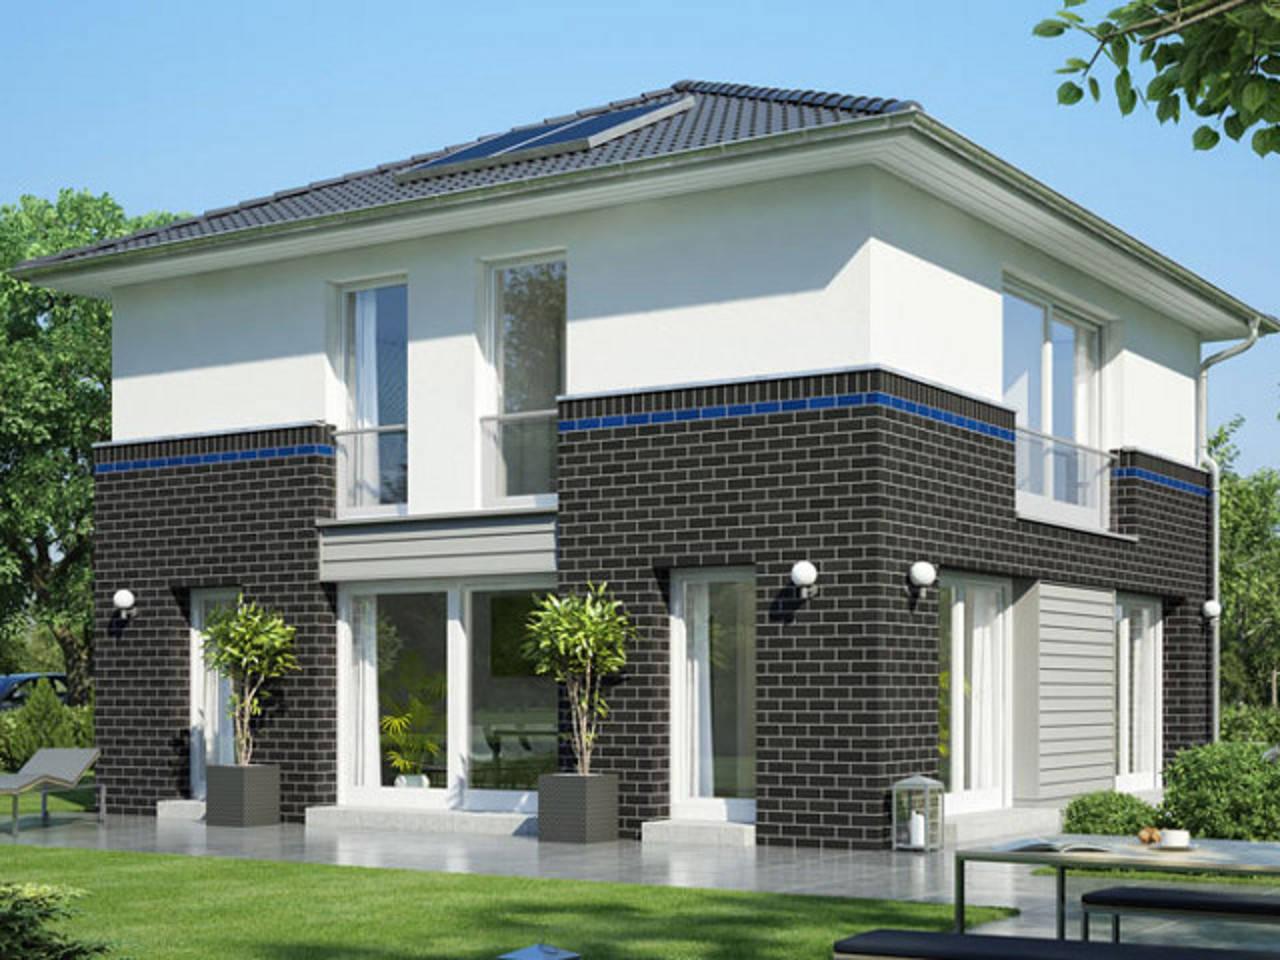 Haustyp ARCUS-WD300 von MW - Hausvertrieb